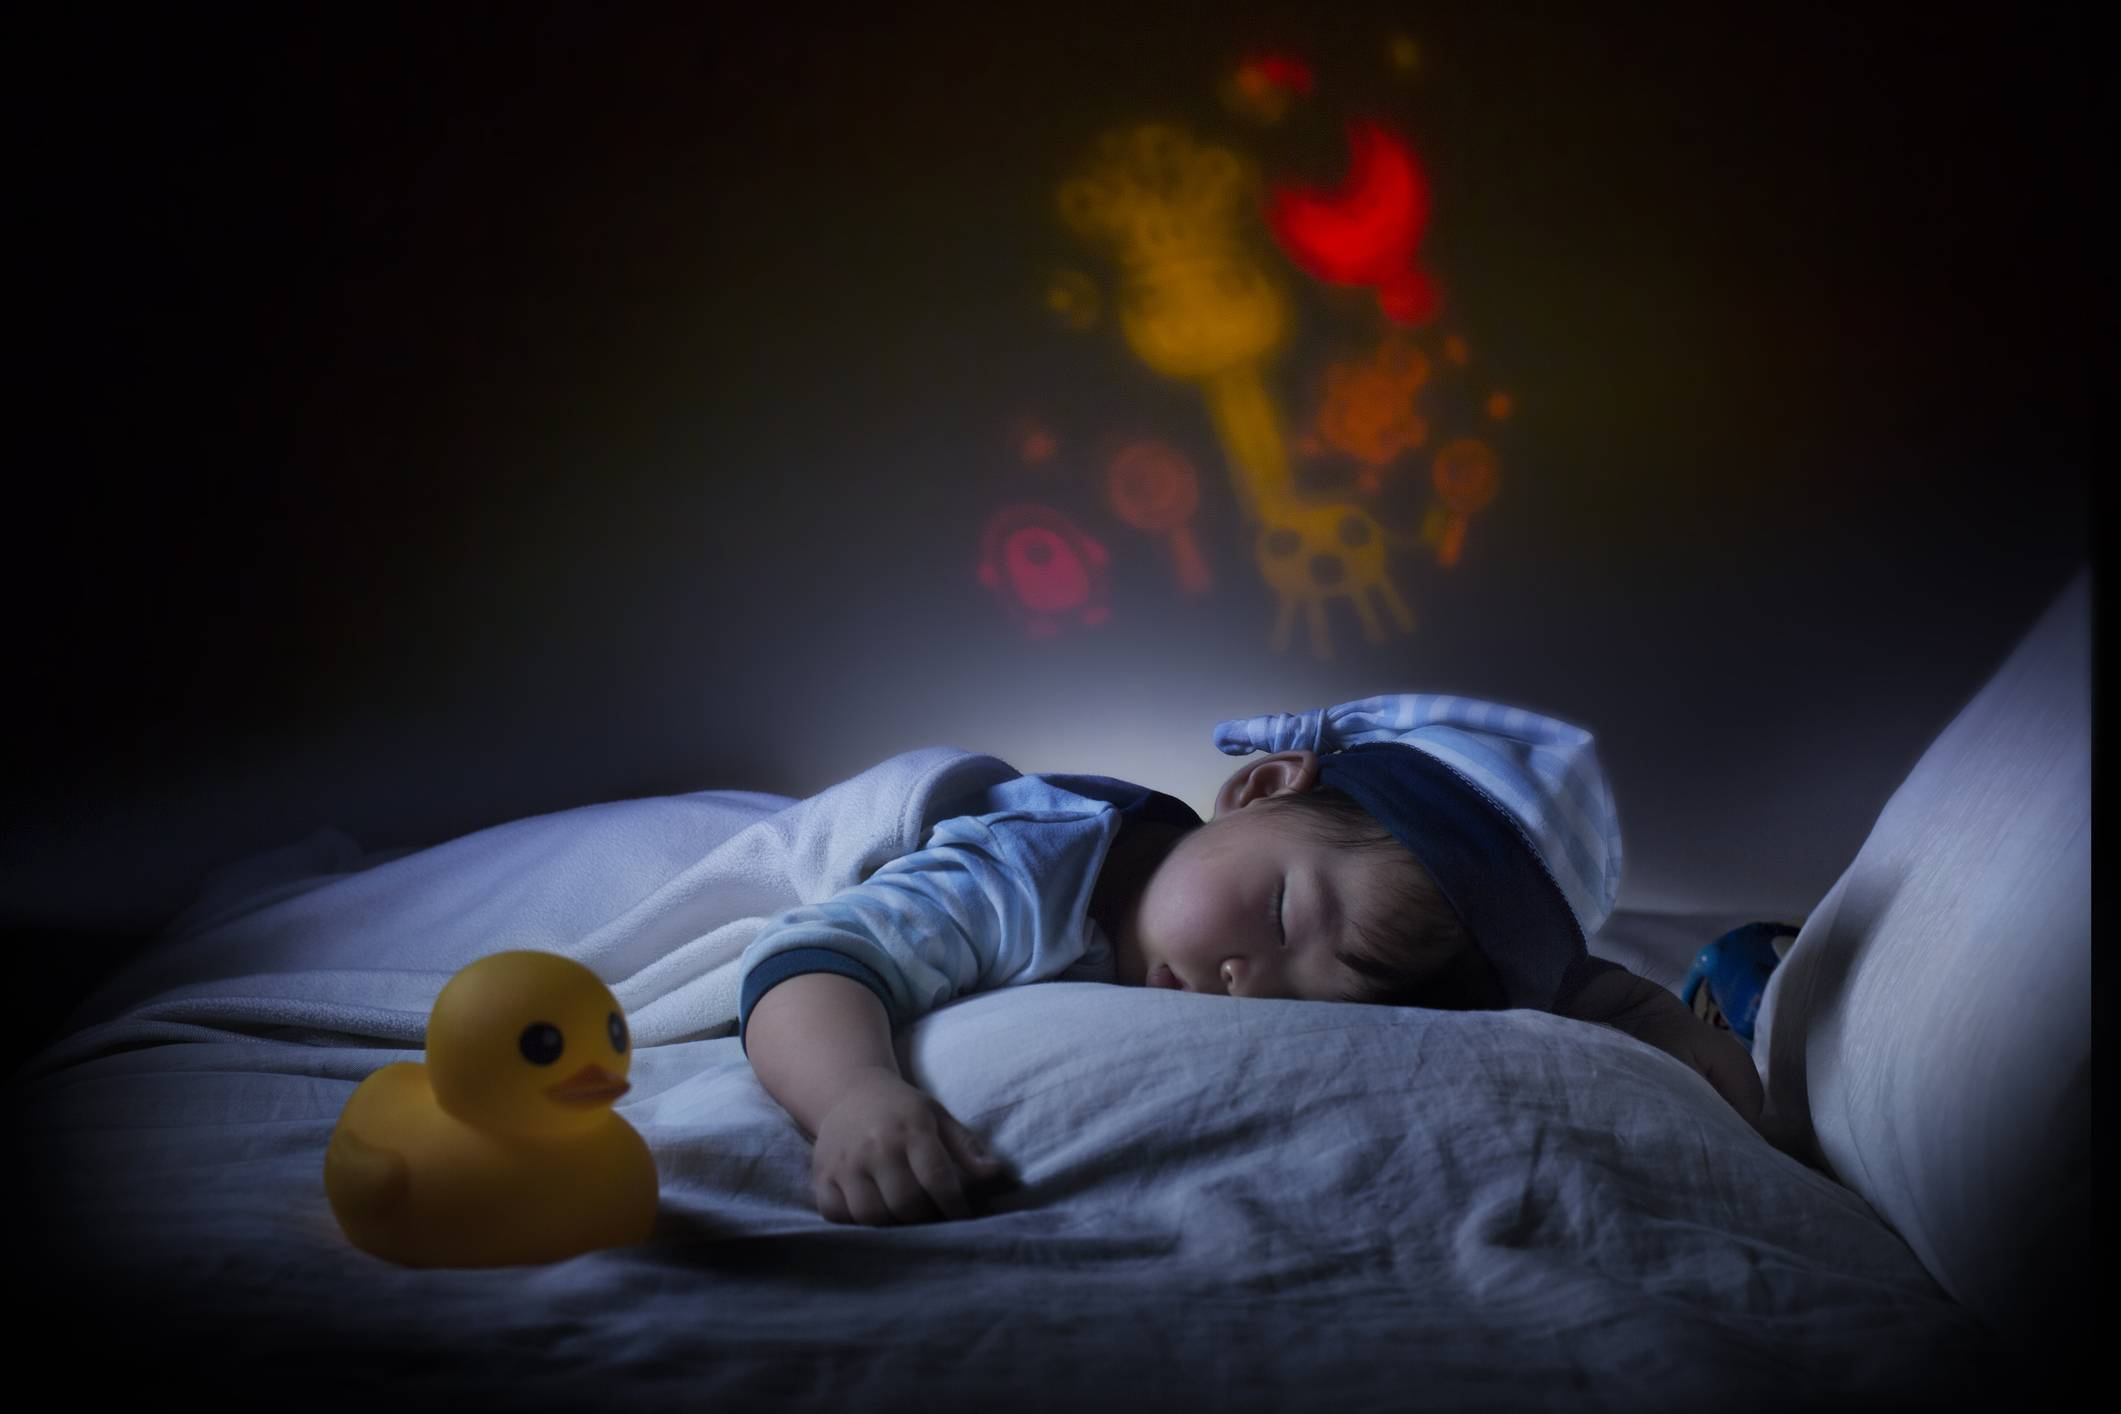 Ребенок плохо спит в 4 месяца: что делать маме?